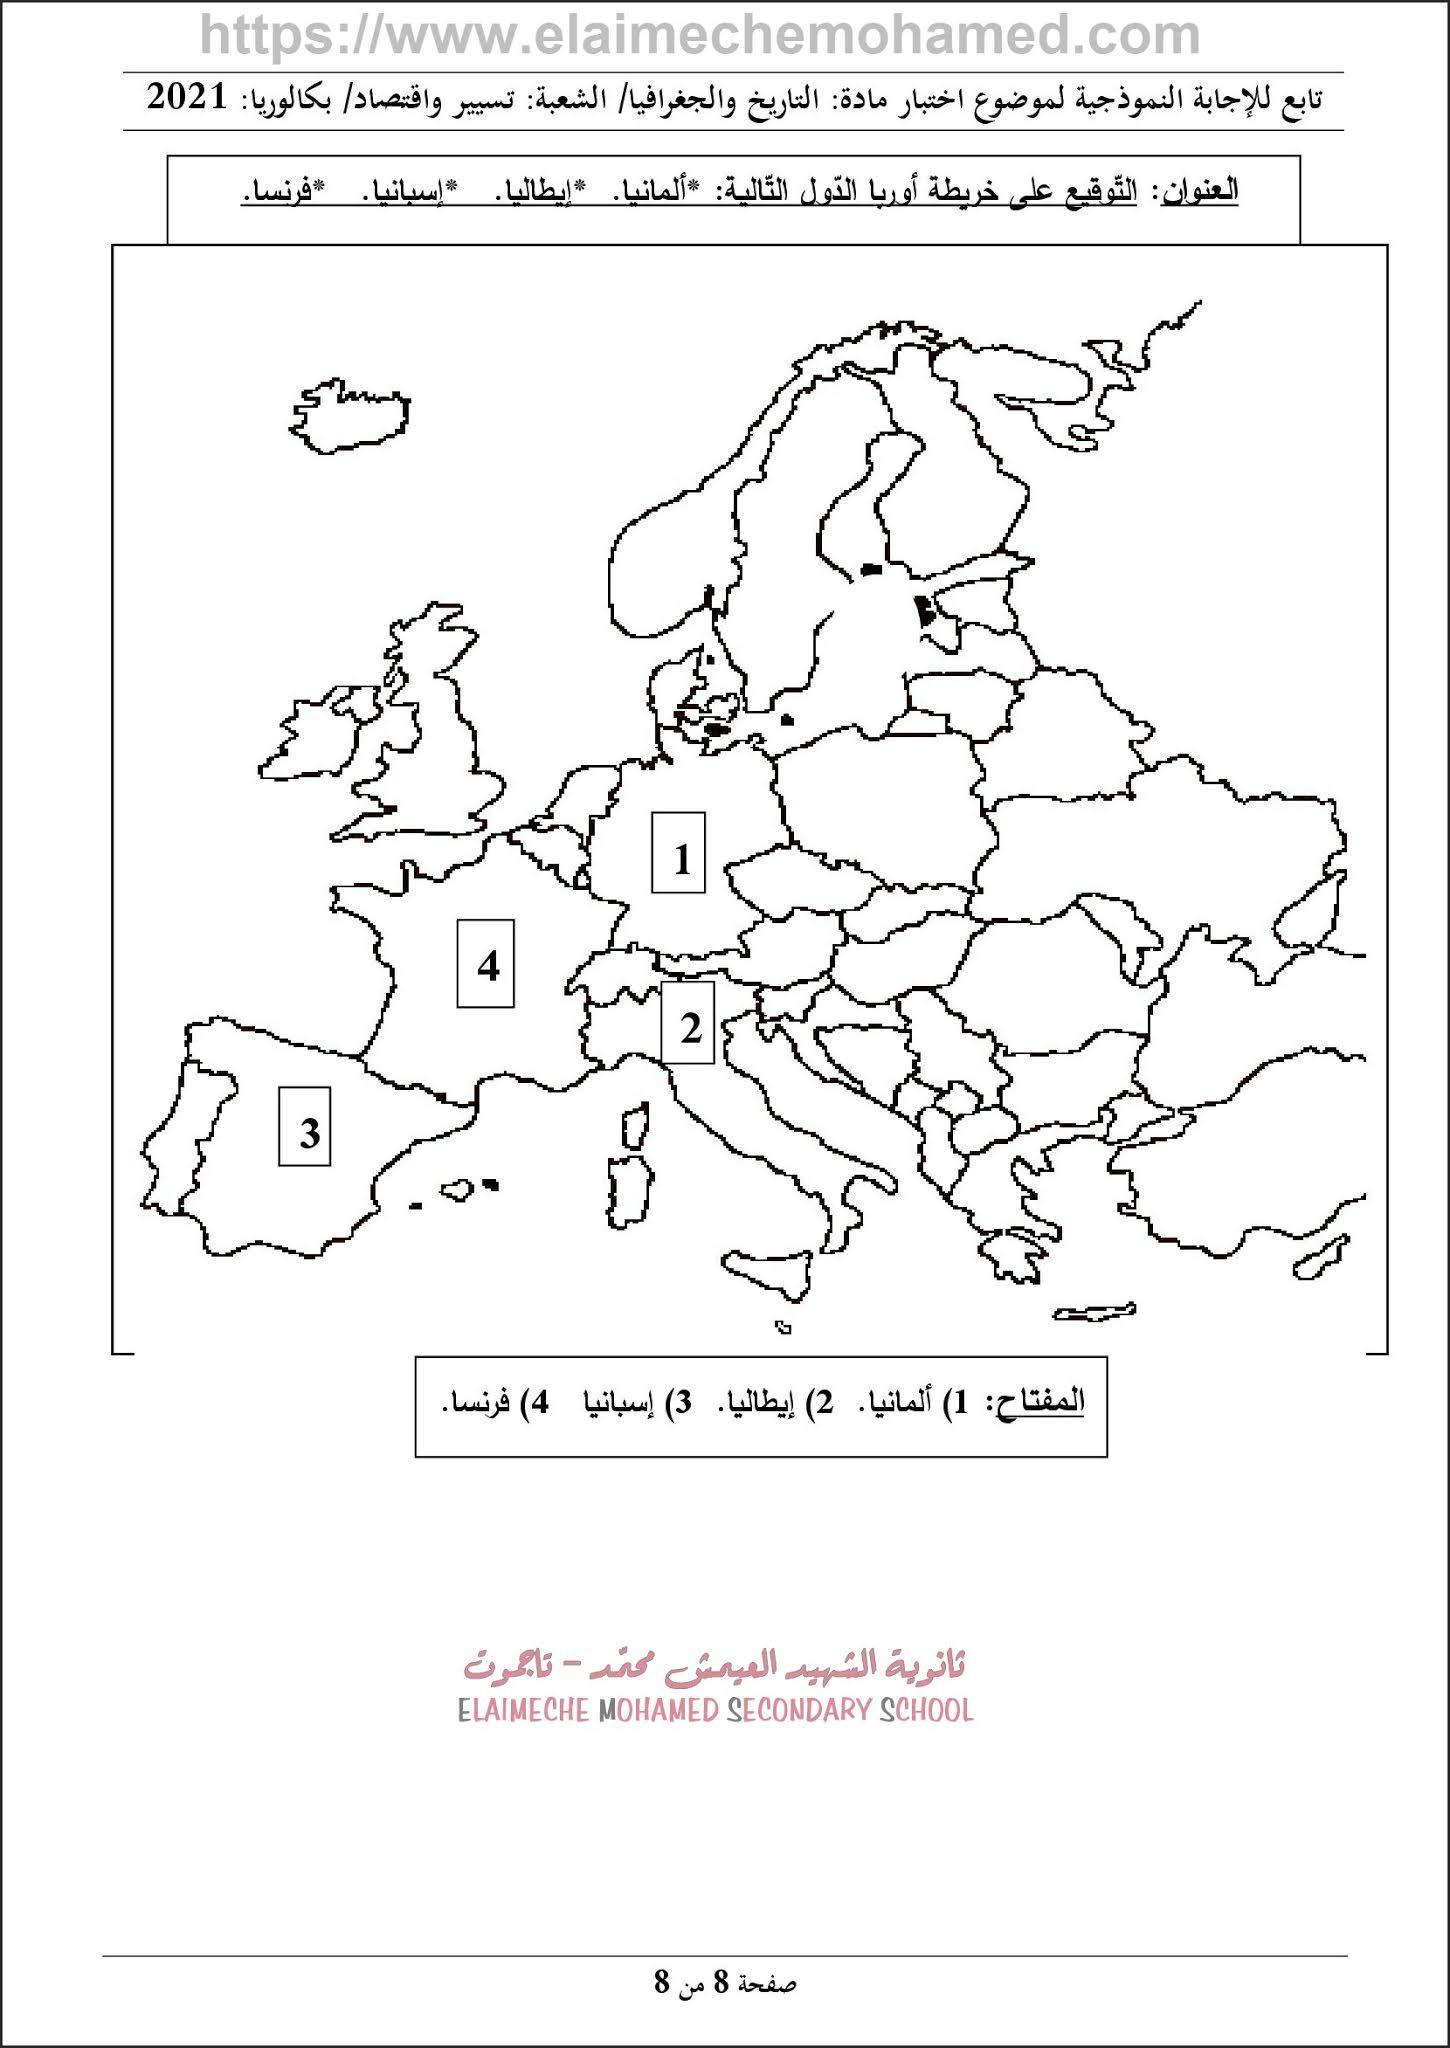 اختبار مادة التاريخ والجغرافيا